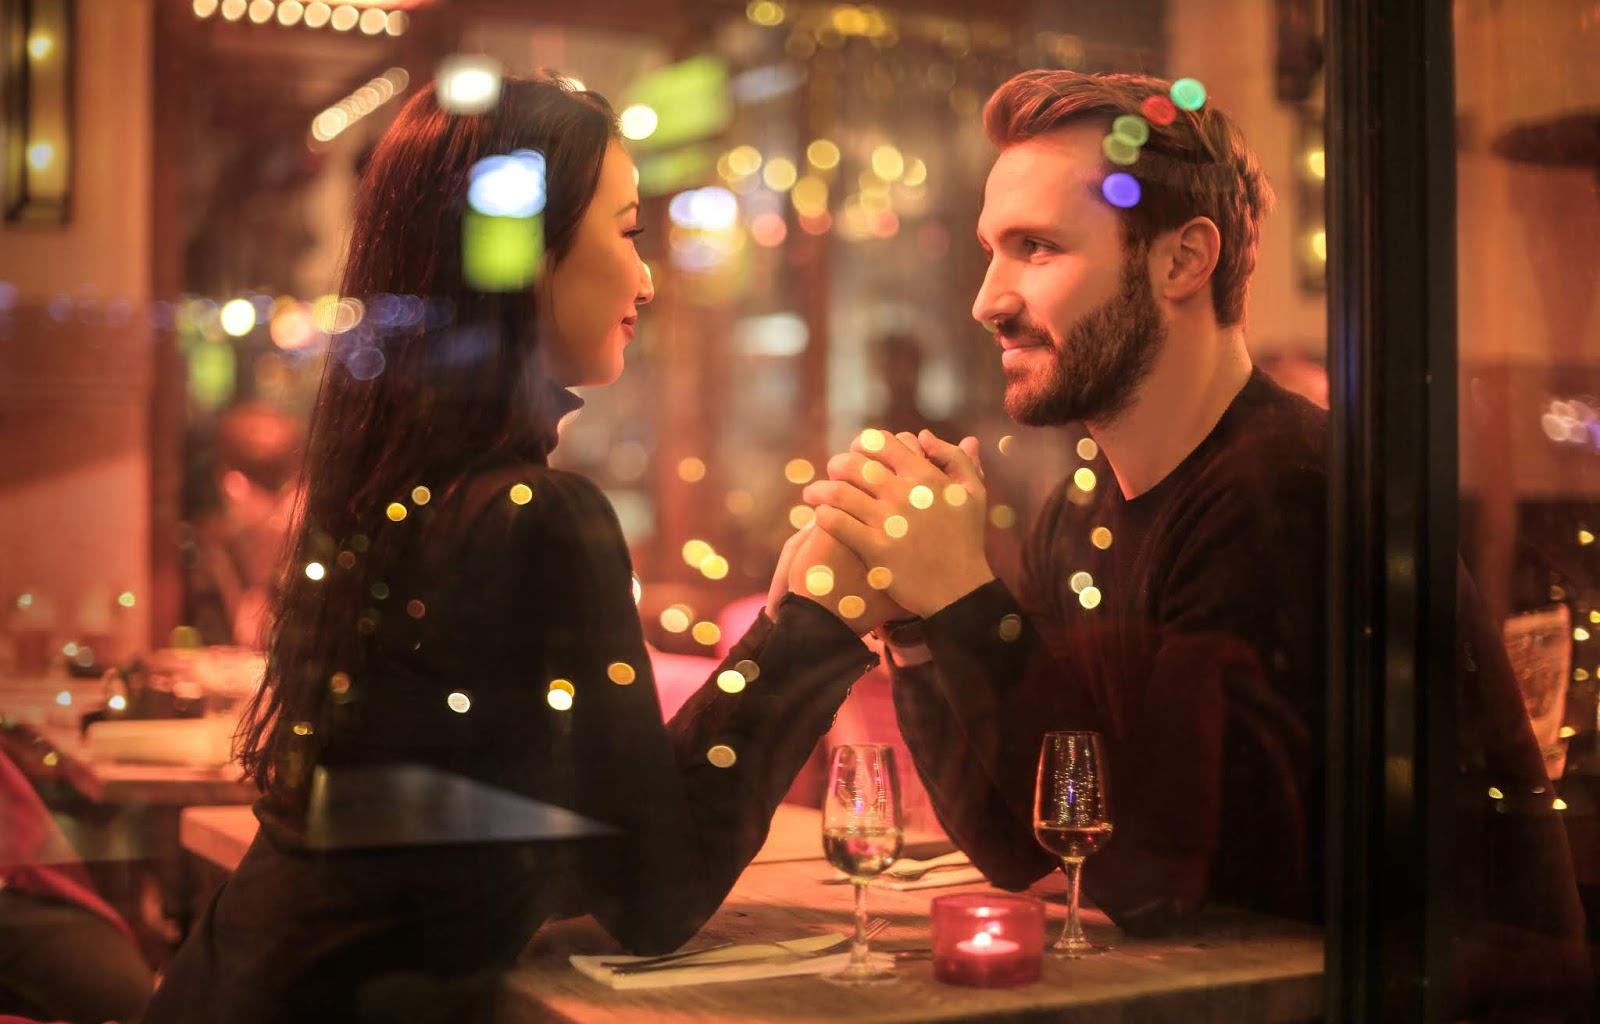 Nilai Lebih Pasangan yang Cuek dalam Menjalin Hubungan